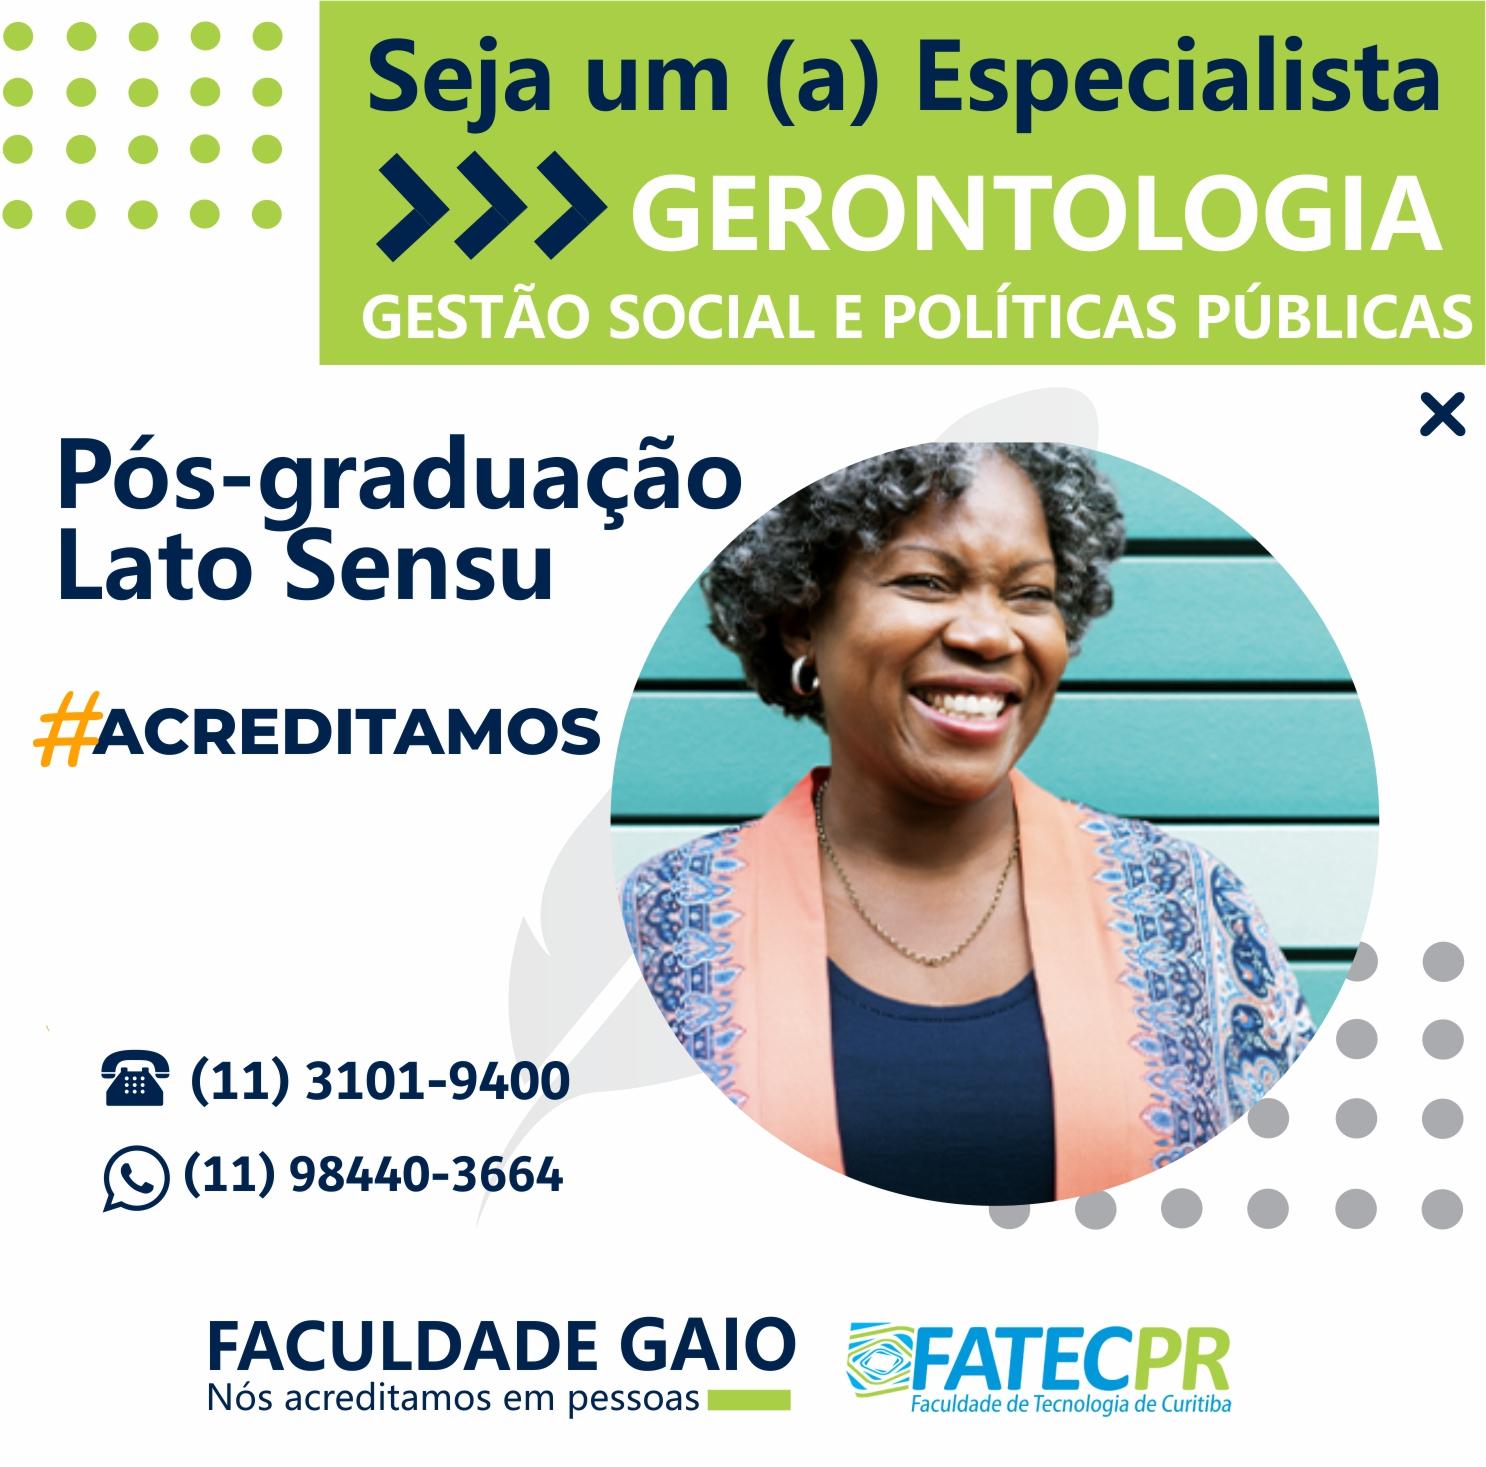 Pós-graduação em Gerontologia, Gestão Social e Políticas Públicas – 540h